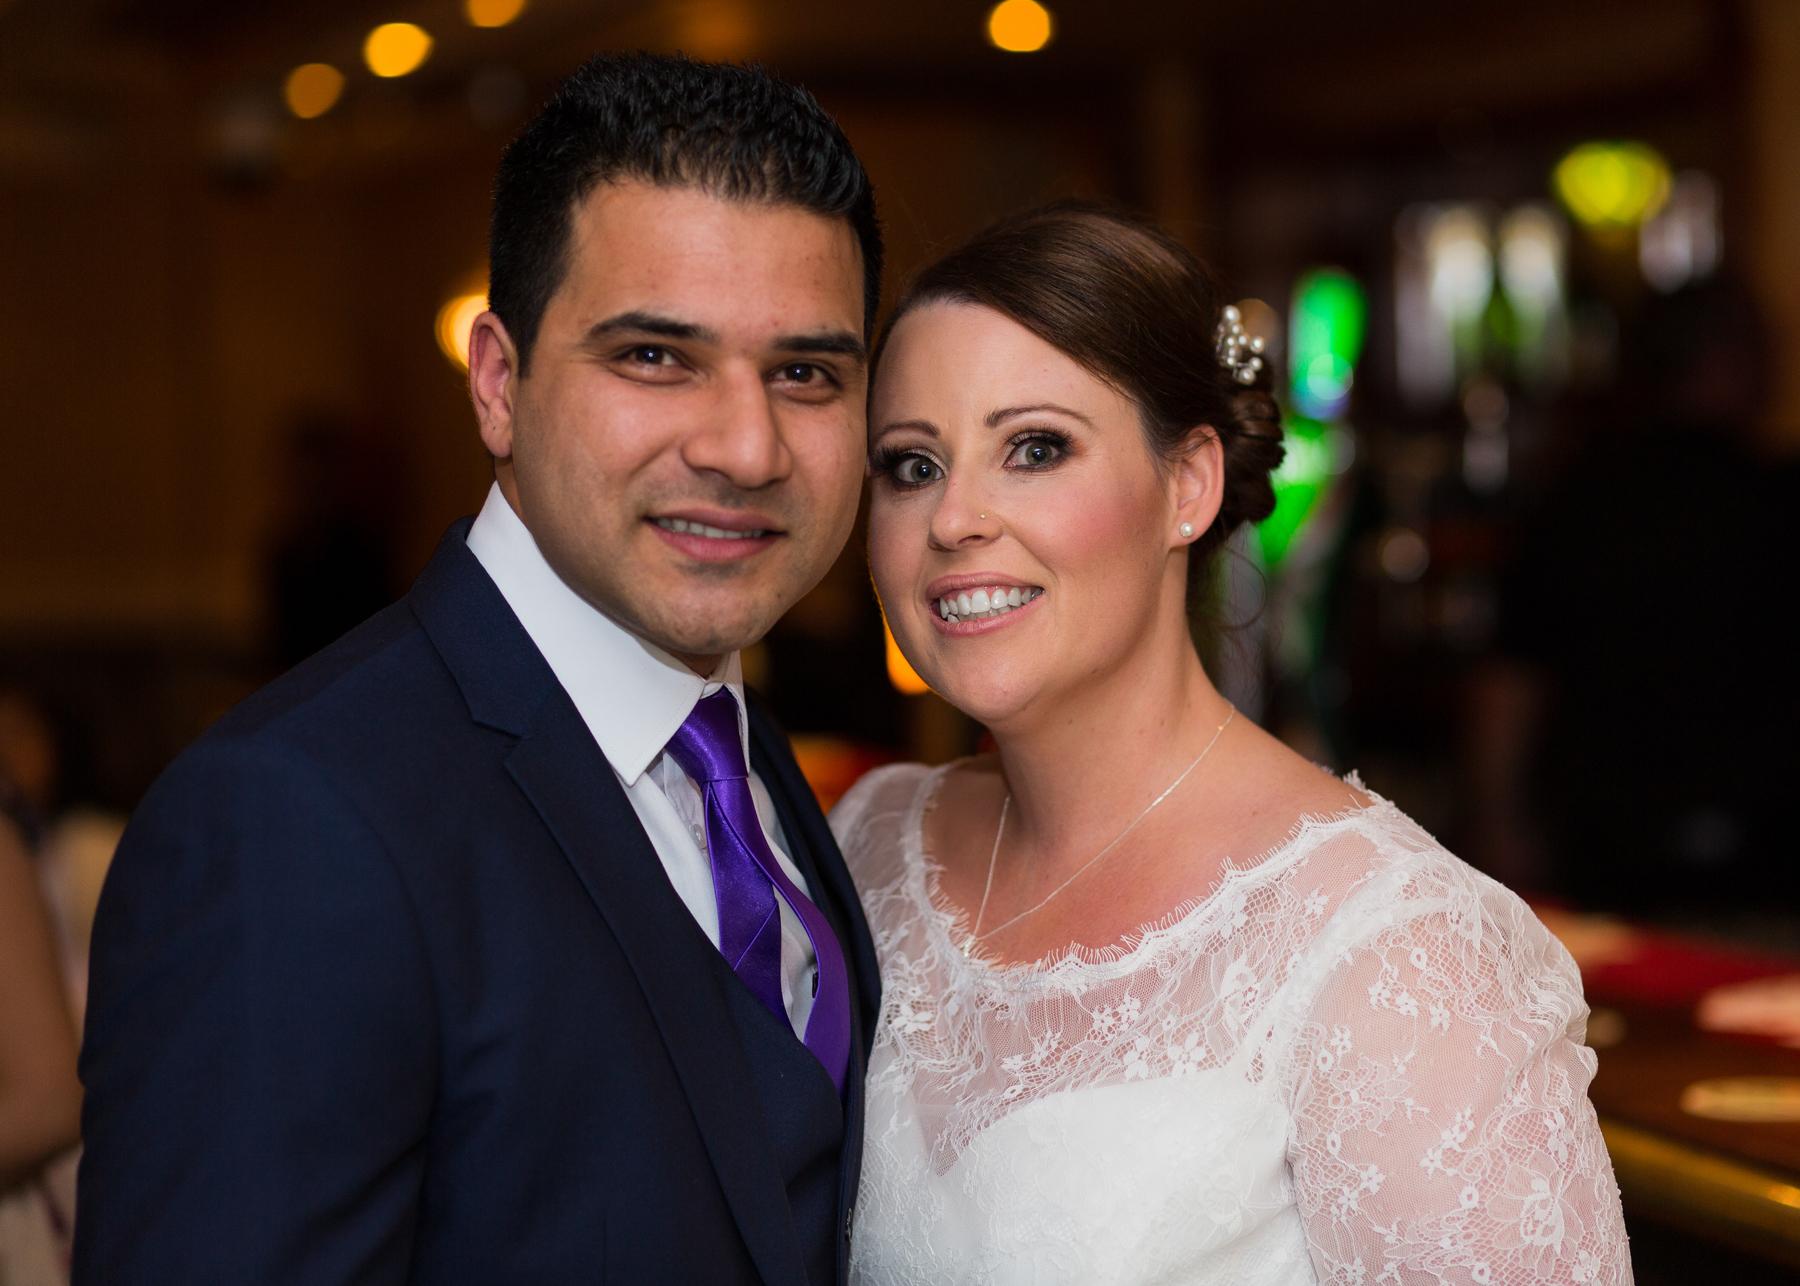 Denise wedding (40).jpg